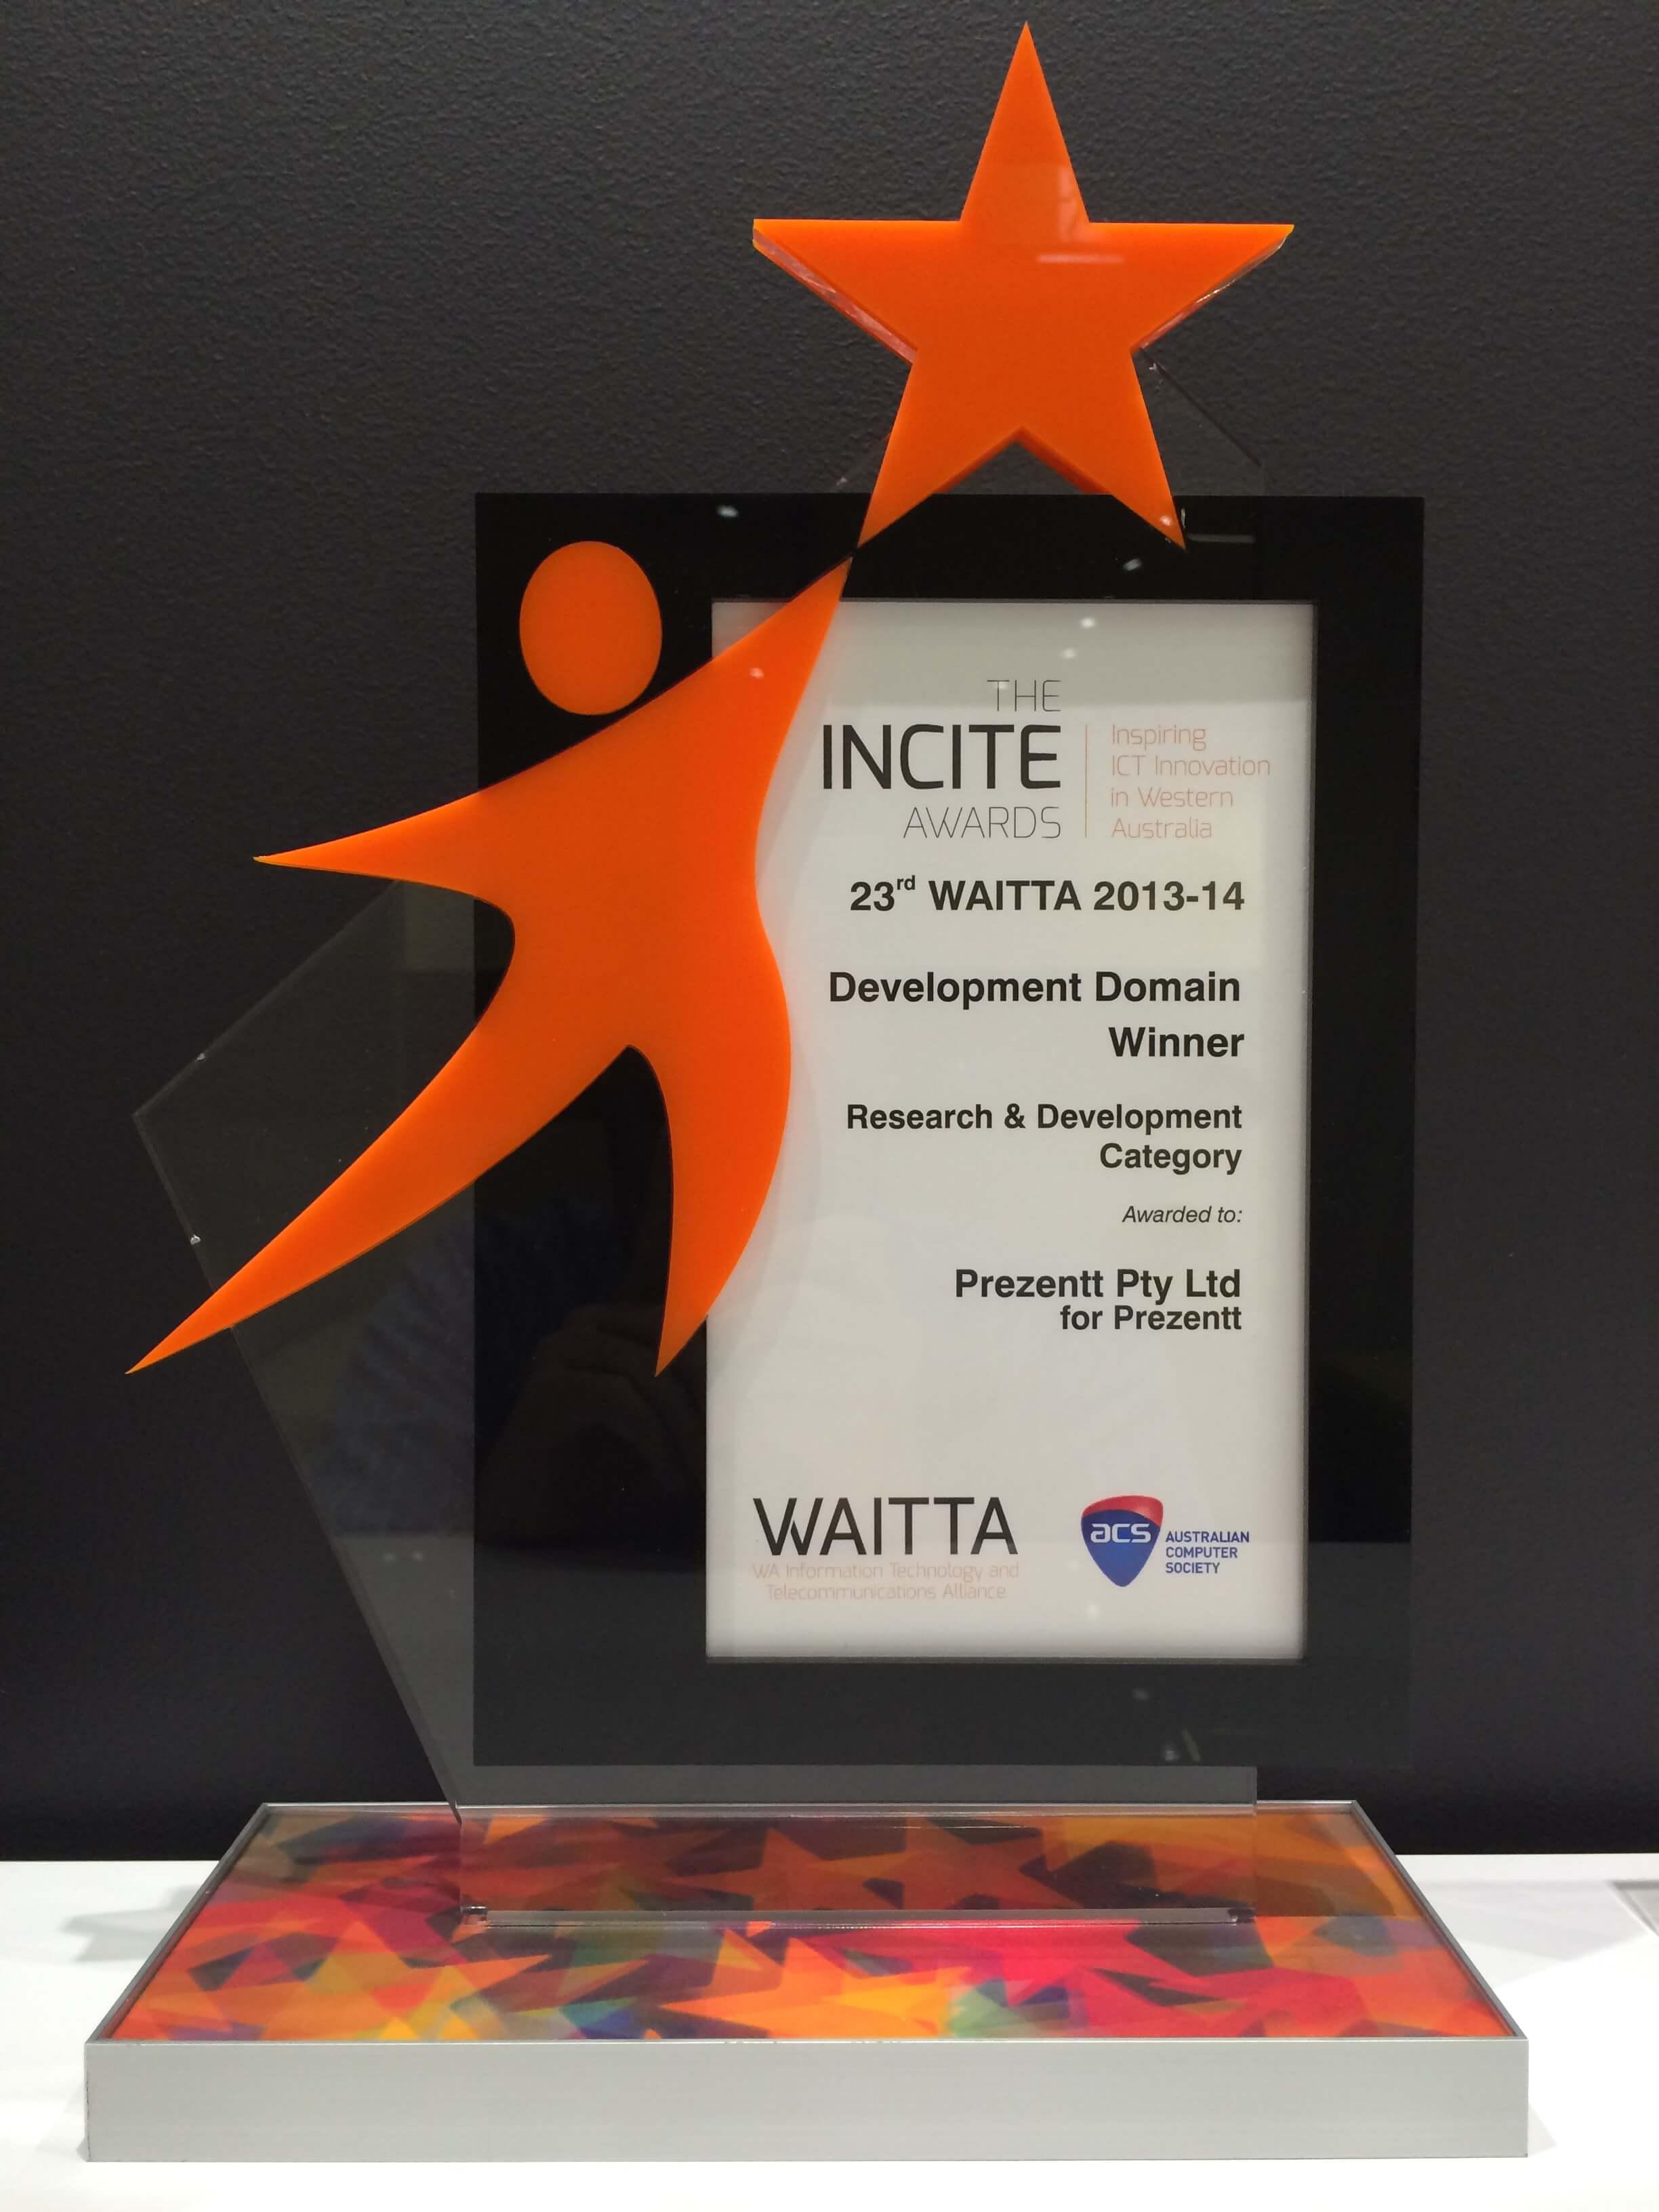 Prezentt - WAITTA INCITE Award - Web App Development